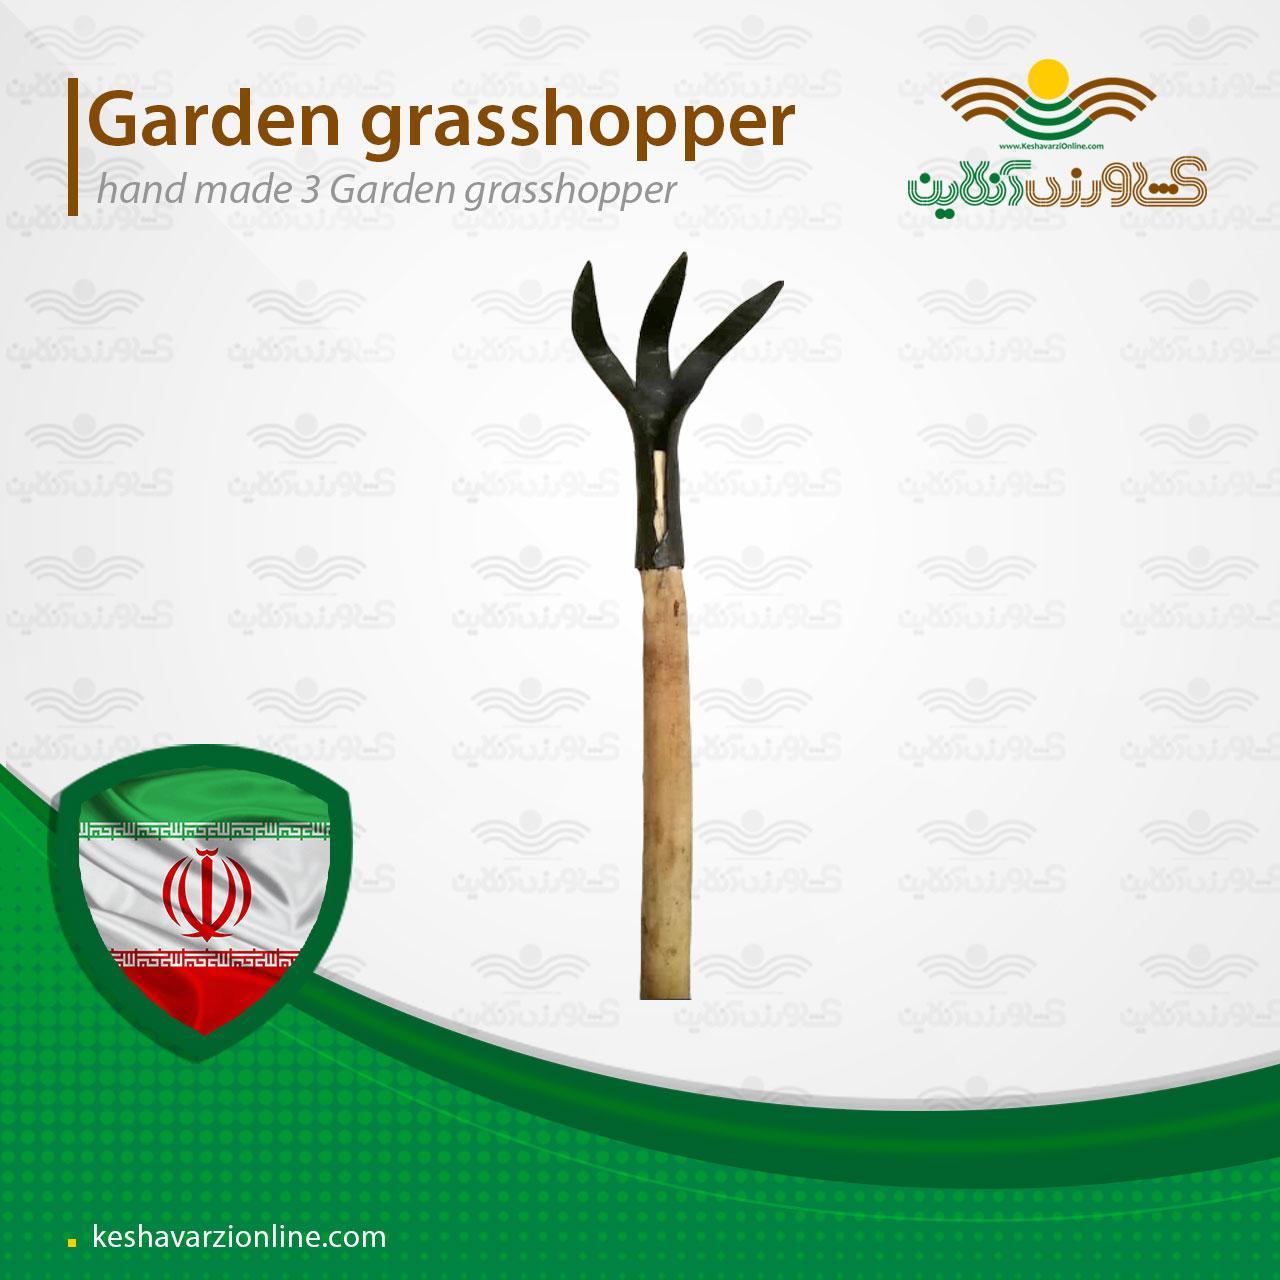 چنگک باغبانی دست ساز 3 شاخه